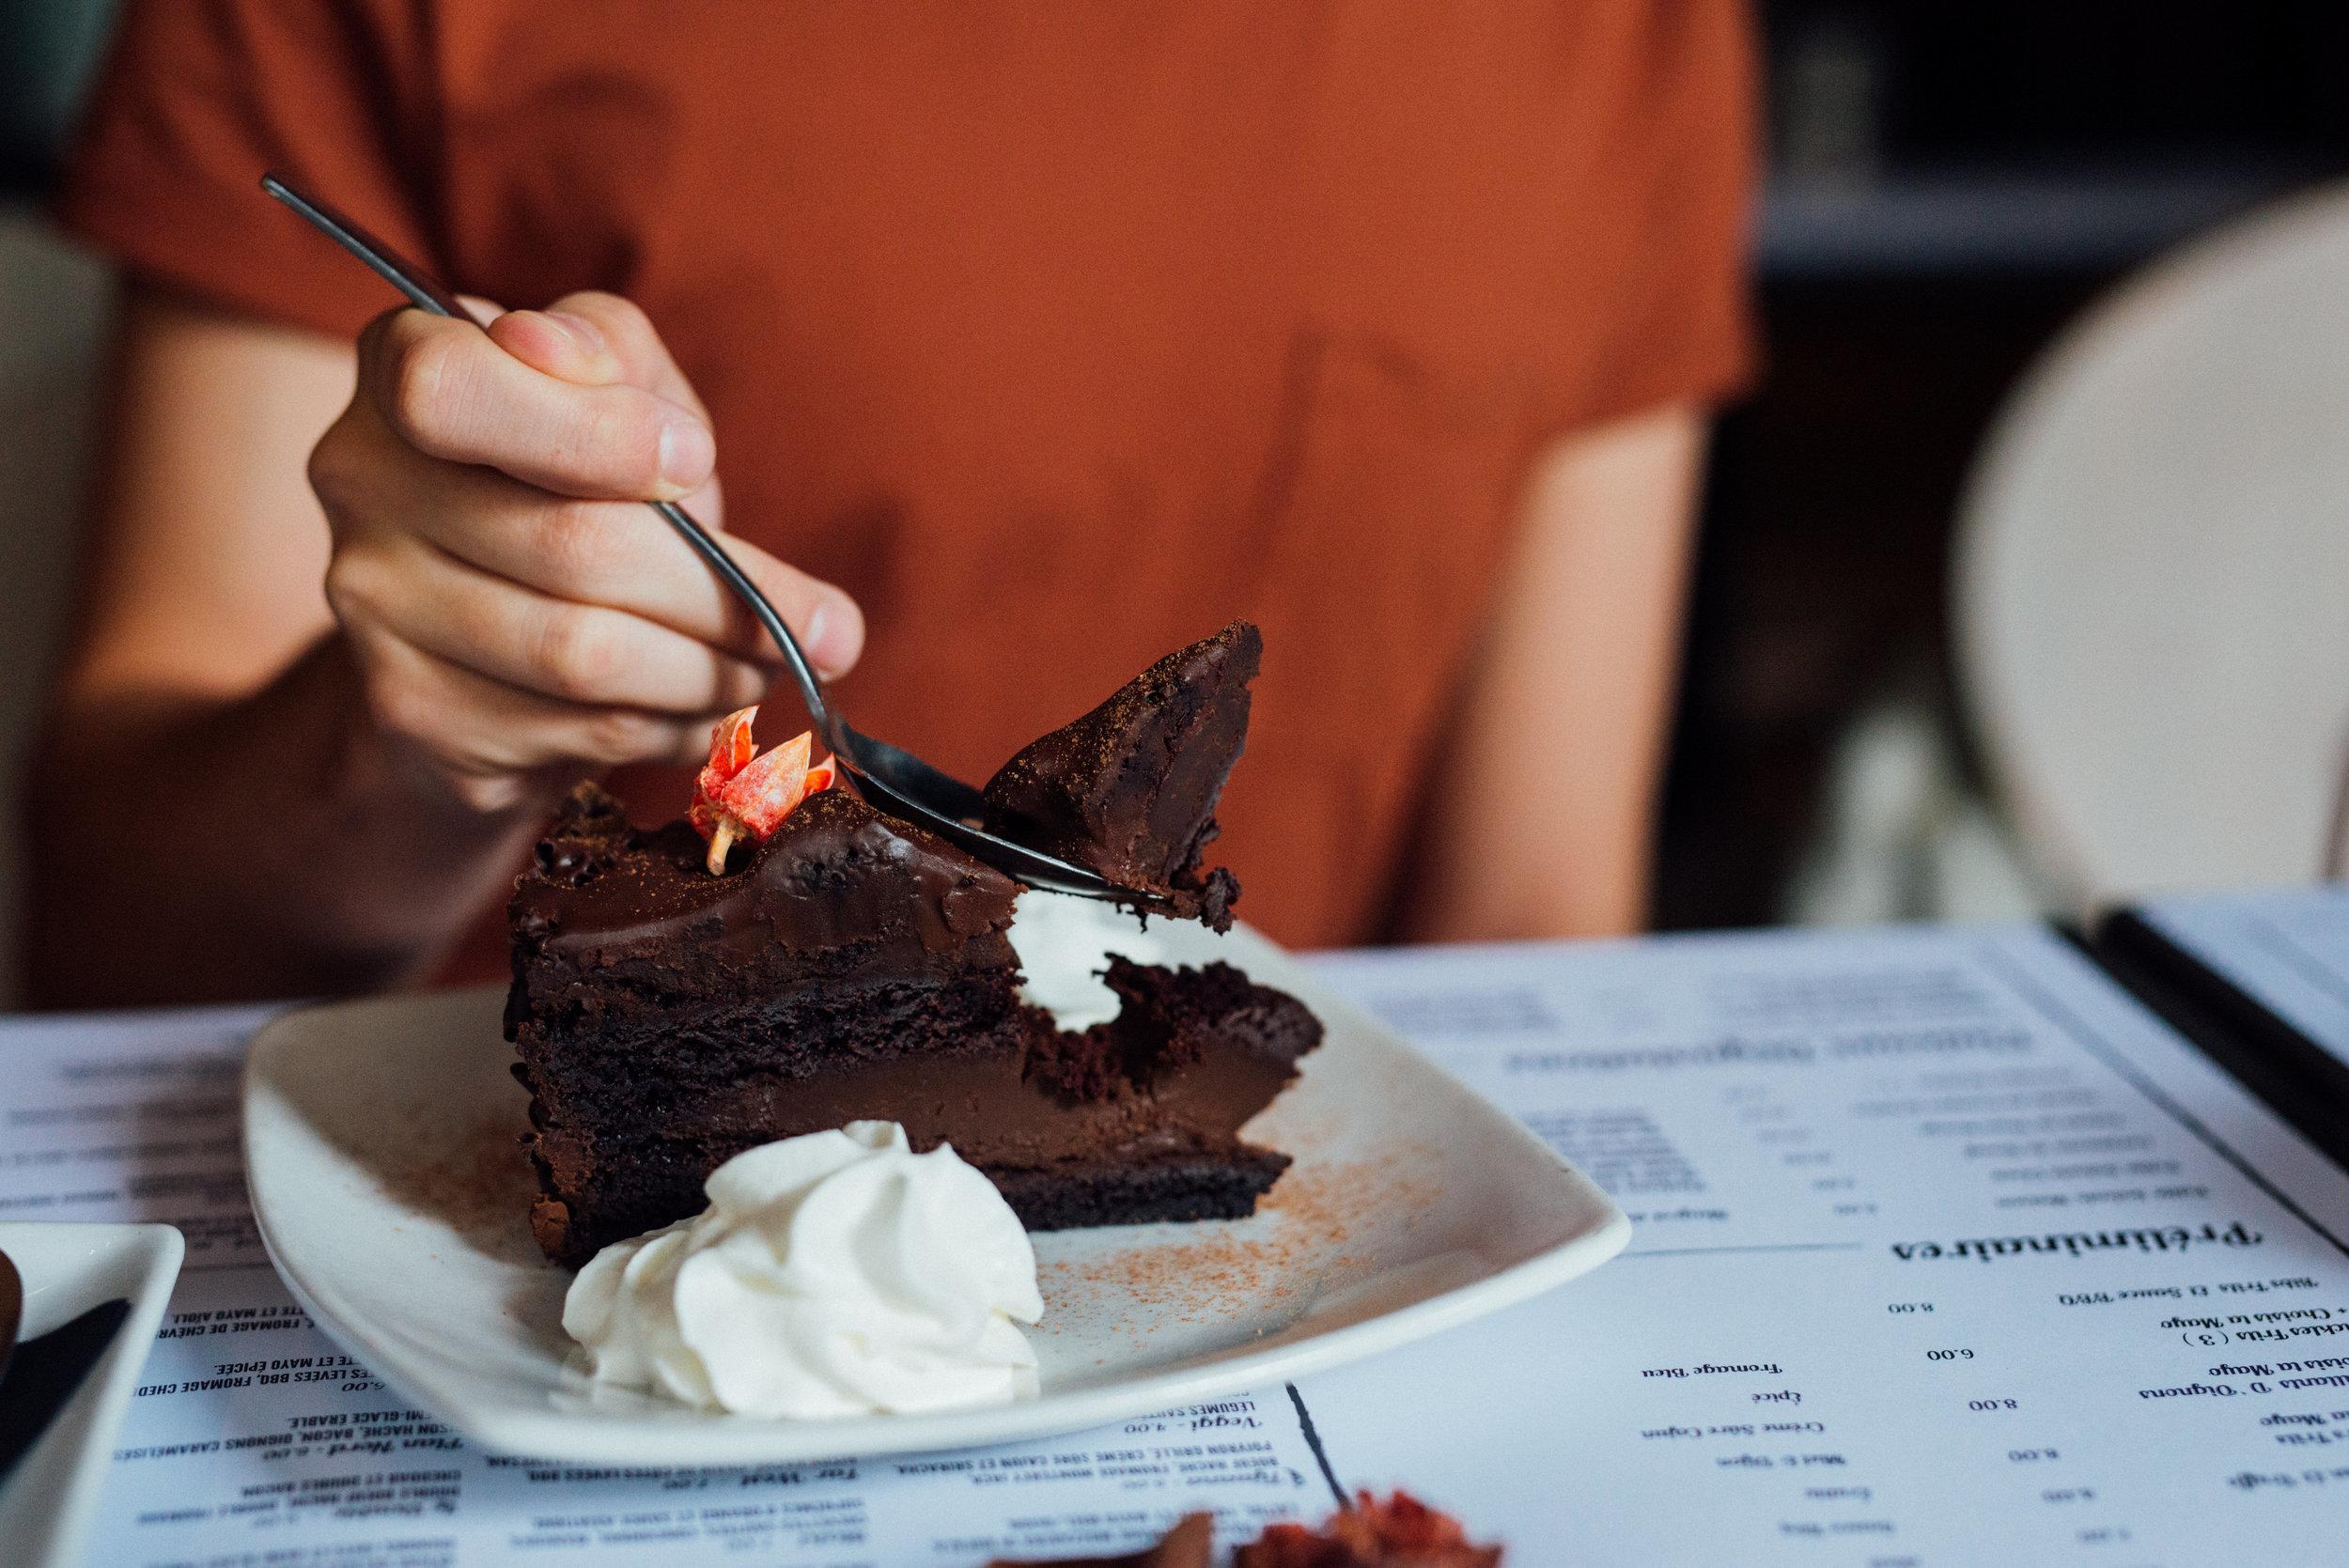 POUR LES DENTS SUCRÉES, une carte des desserts est disponible en restaurant. - AGRÉMENTEZ VOTRE EXPÉRIENCE AVEC L'UN DE NOS DESSERTS DU MOMENT.